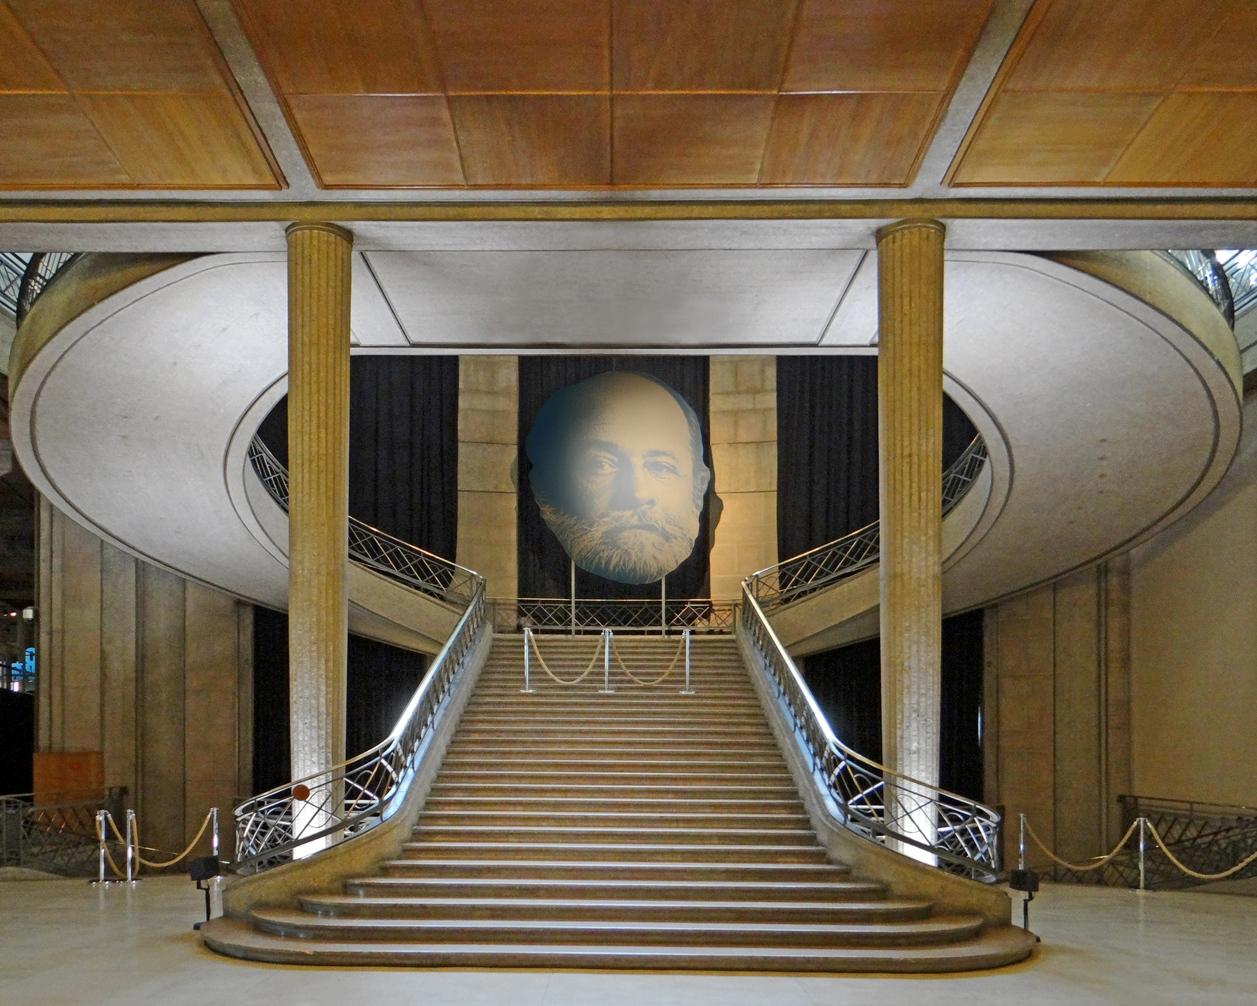 L'exposition_Auguste_Perret_(Conseil_économique,_social_et_environnemental,_Paris)_(11872278295).jpg